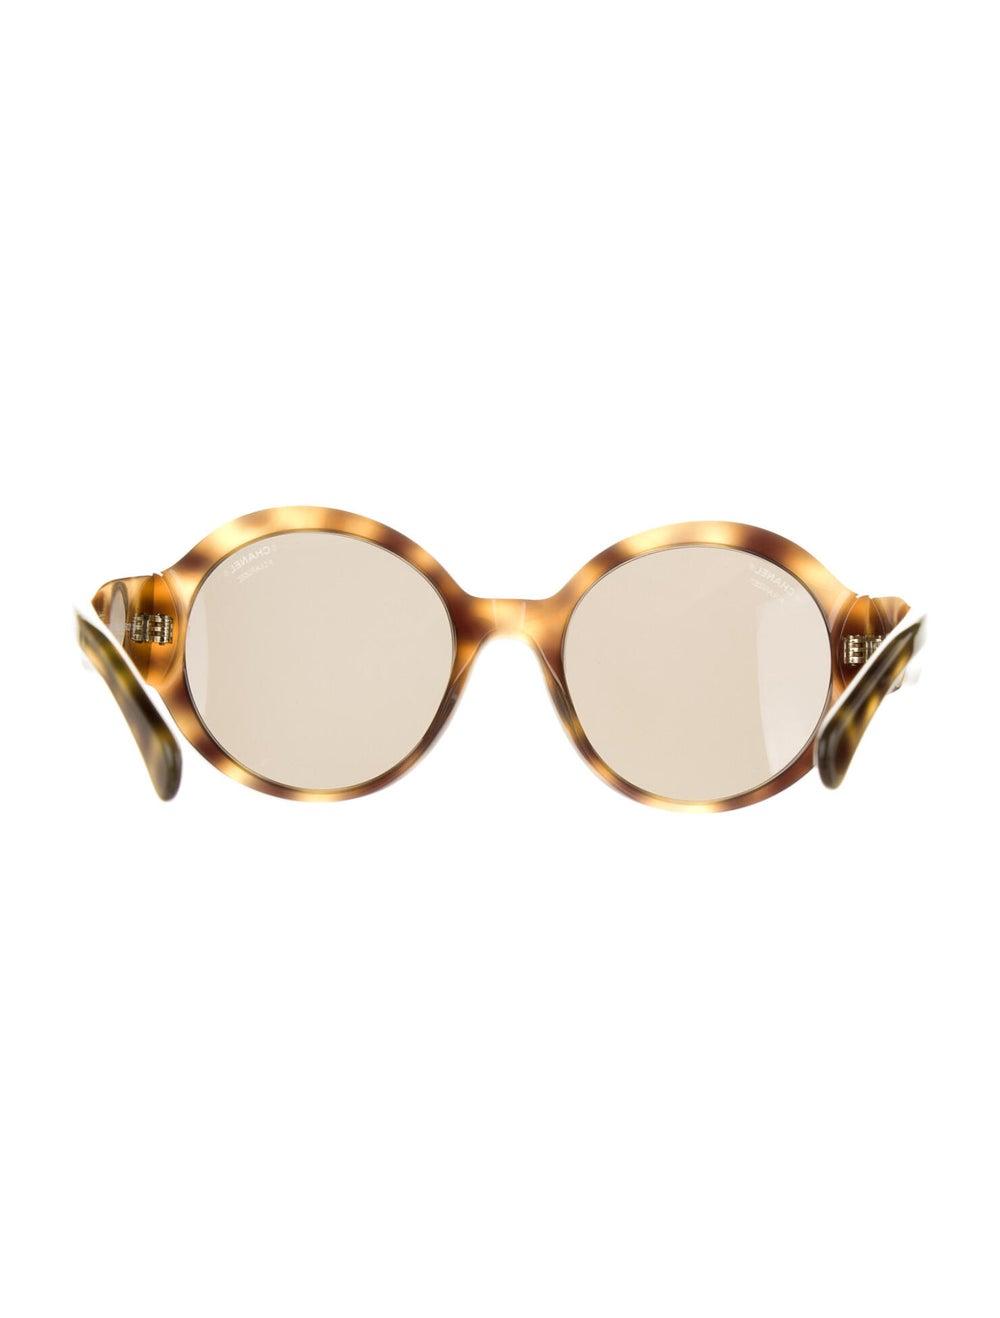 Chanel 2019 Polarized Round Logo Oversize Sunglas… - image 3